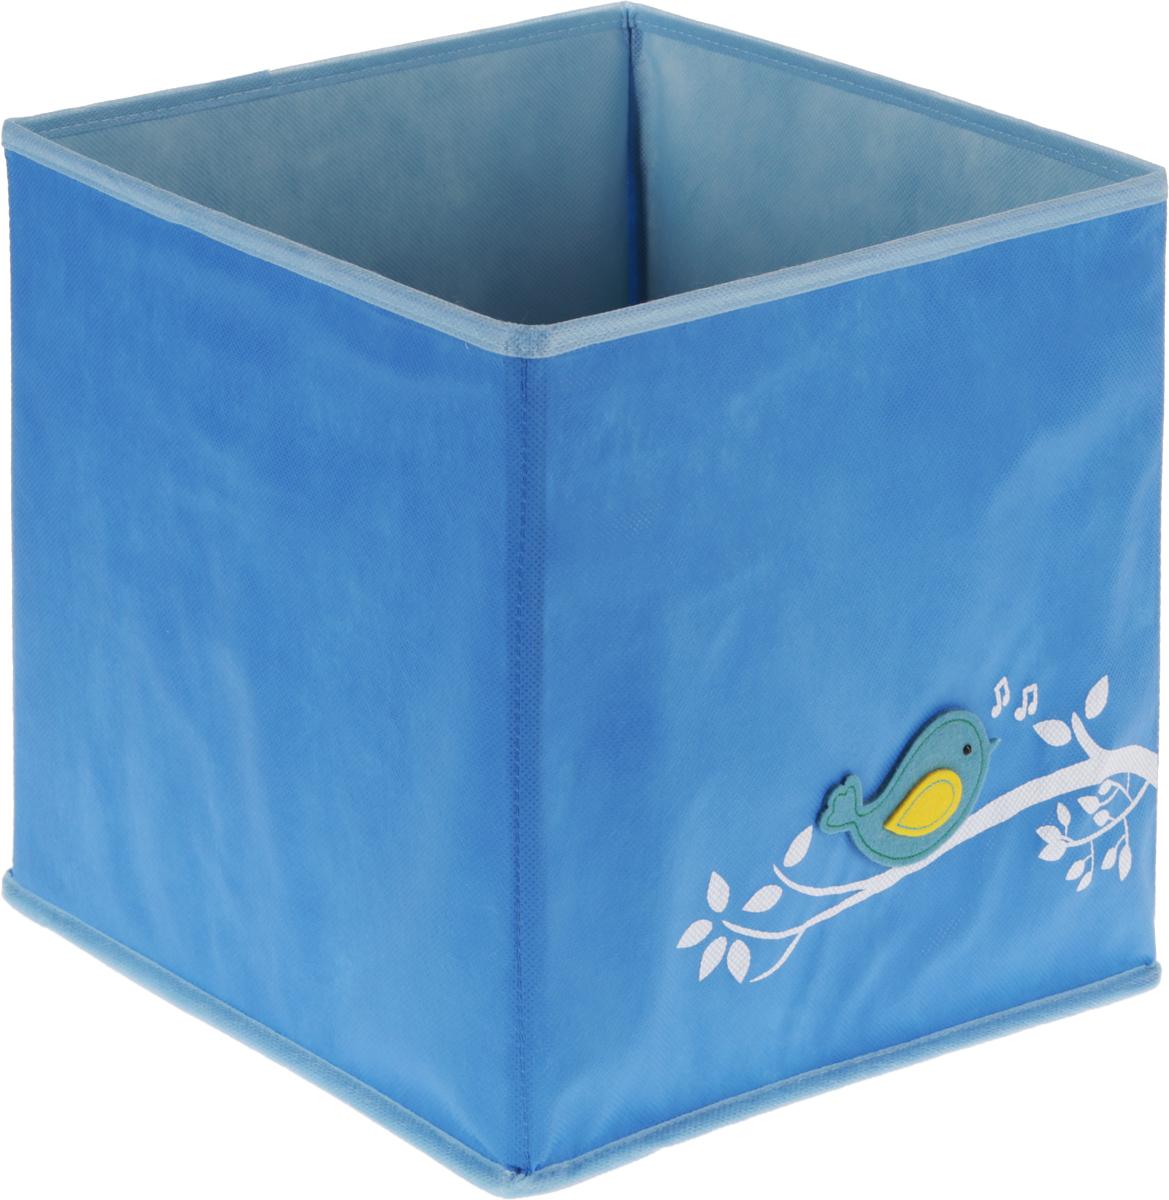 Кофр для вещей и игрушек Все на местах Чик-Чирик, детский, цвет: голубой, 30 х 30 х 30 см1074037.Кофр для вещей и игрушек Все на местах Чик-Чирик сшит из прочного спанбонда, стенки укреплены пластиком. Фирменная фетровая аппликация - птичка на ветке, задает тон всей коллекции. Модель дополнена пластиковым съемным дном и застежкой-молнией, при помощи чего кофр легко можно сложить. Яркий вместительный короб для игрушек позволит держать в порядке игрушки на каждый день, которыми ребенок часто пользуется. Его можно протирать мыльной губкой, он не размокнет и не потеряет форму. Размеры: 30 х 30 х 30 см.